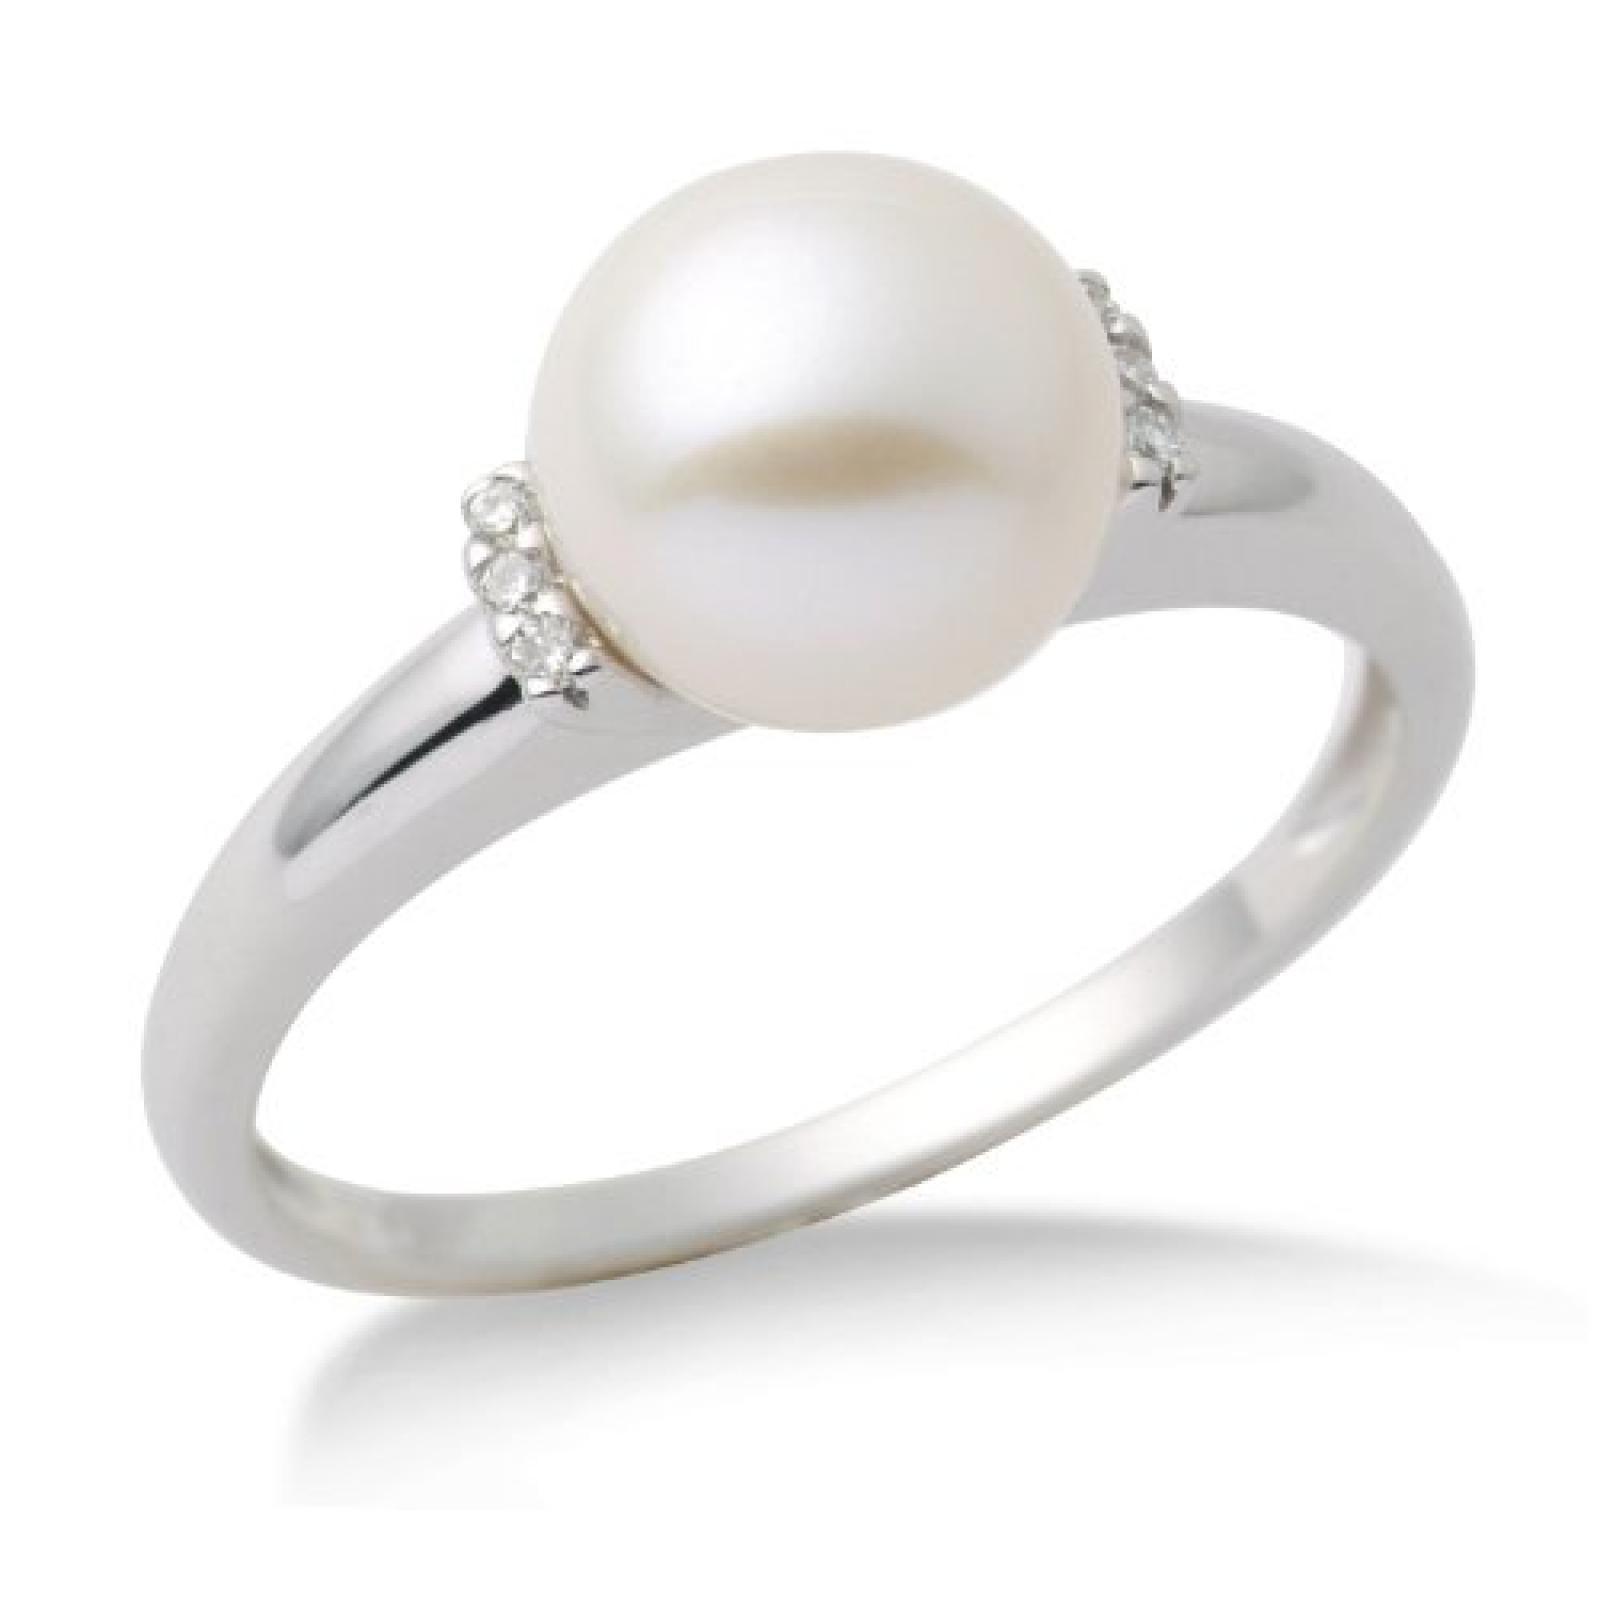 Miore Damen-Ring 9 Karat 375 Weißgold Perle 6 Brillanten 0.04 Karat MG9006RM